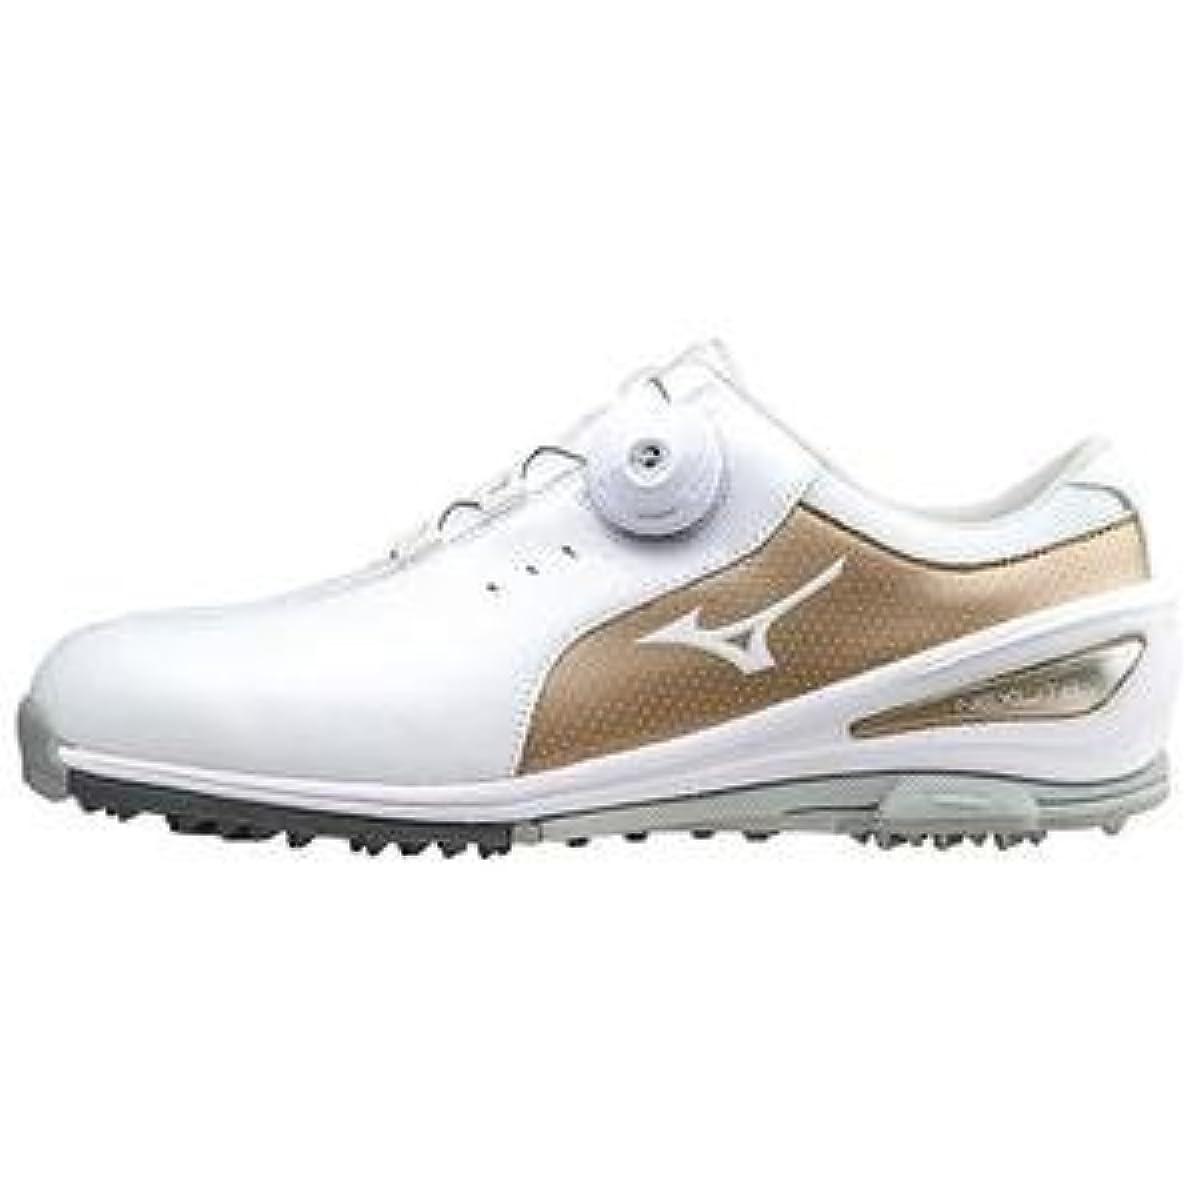 [해외] MIZUNO 미즈노 골프 스파이크 레이디스 주문 상품 사이즈:24.5cm